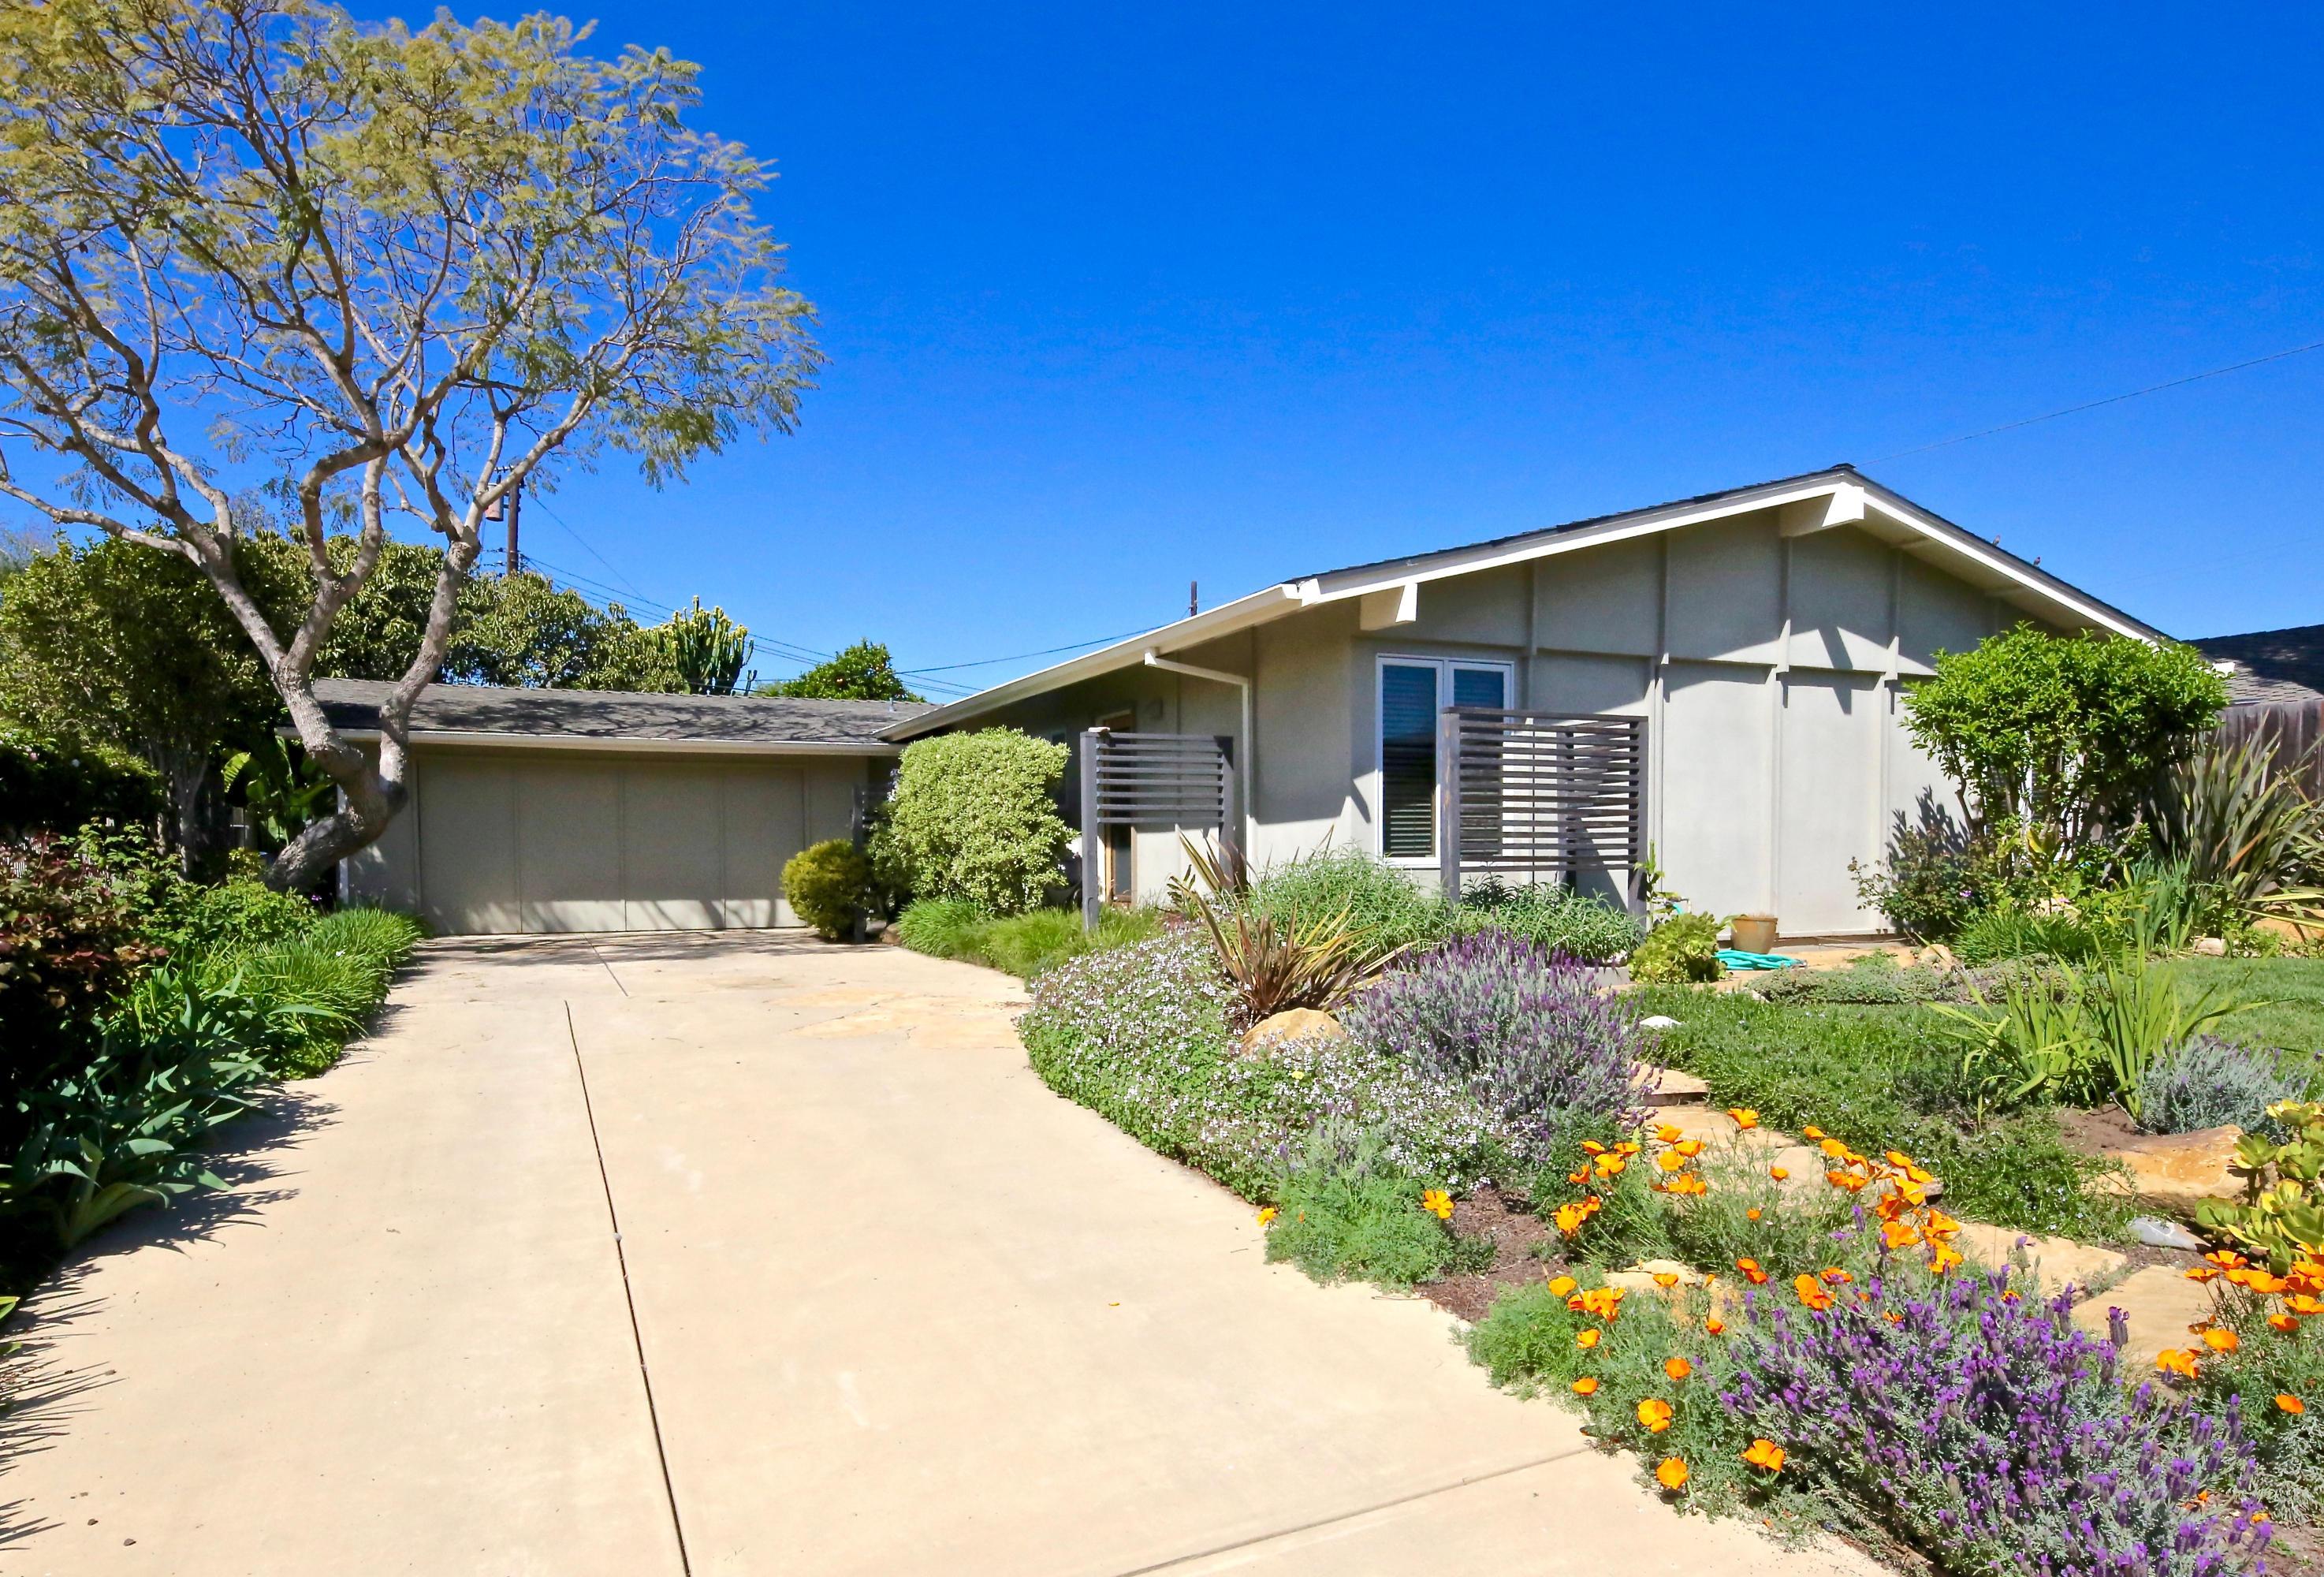 Property photo for 275 Via El Encantador Santa Barbara, California 93111 - 16-883